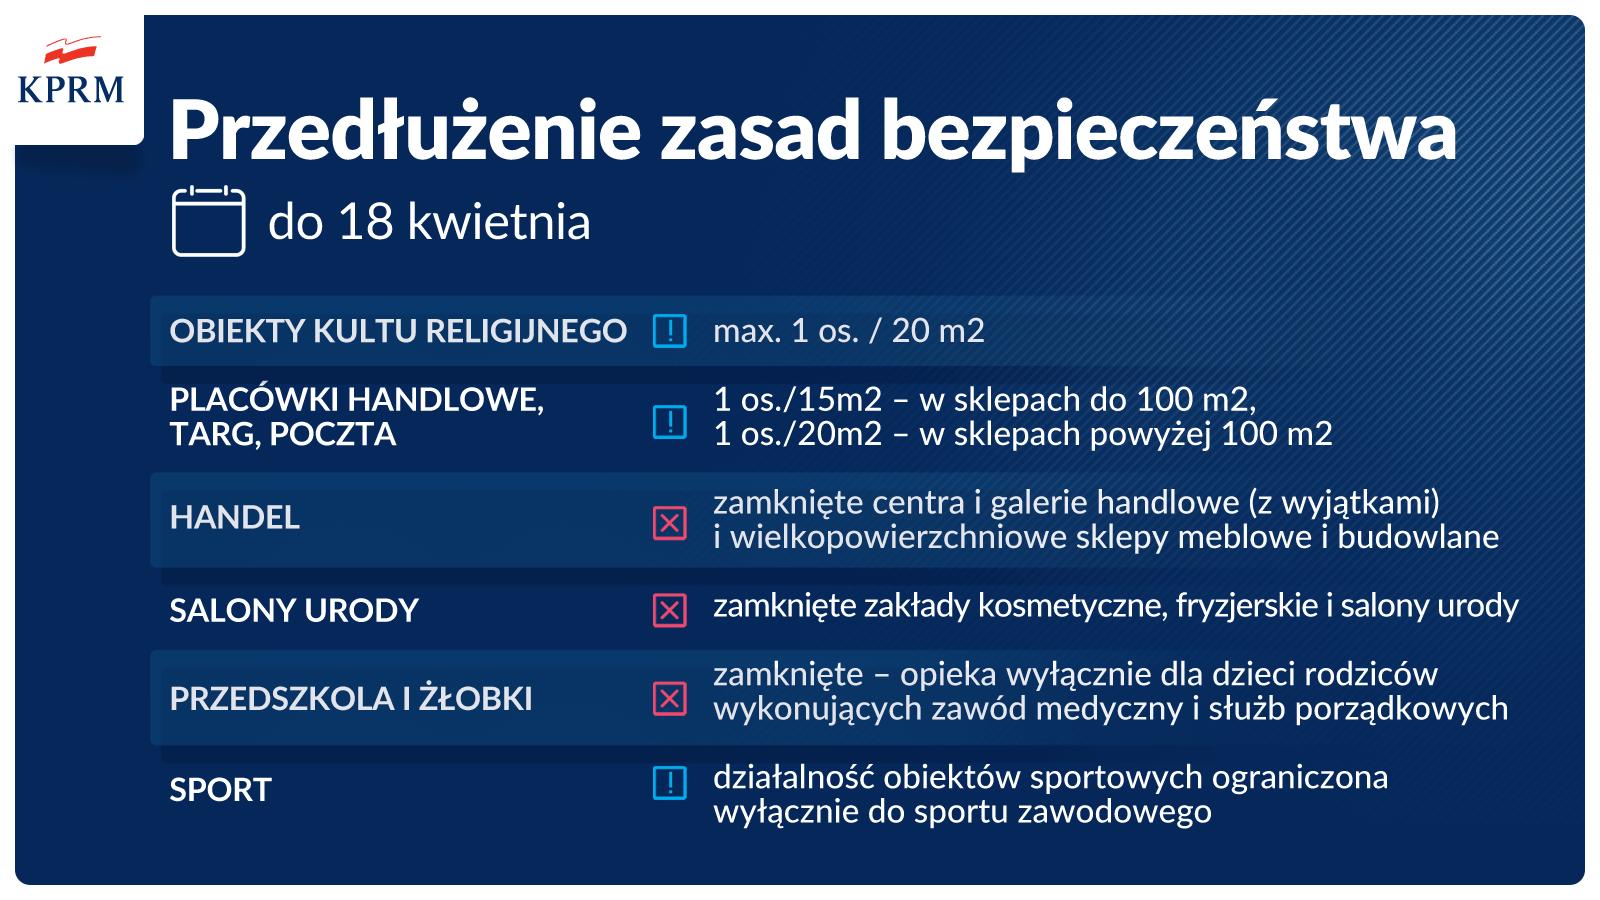 Działalność obiektów sportowych ograniczona – do 18 kwietnia